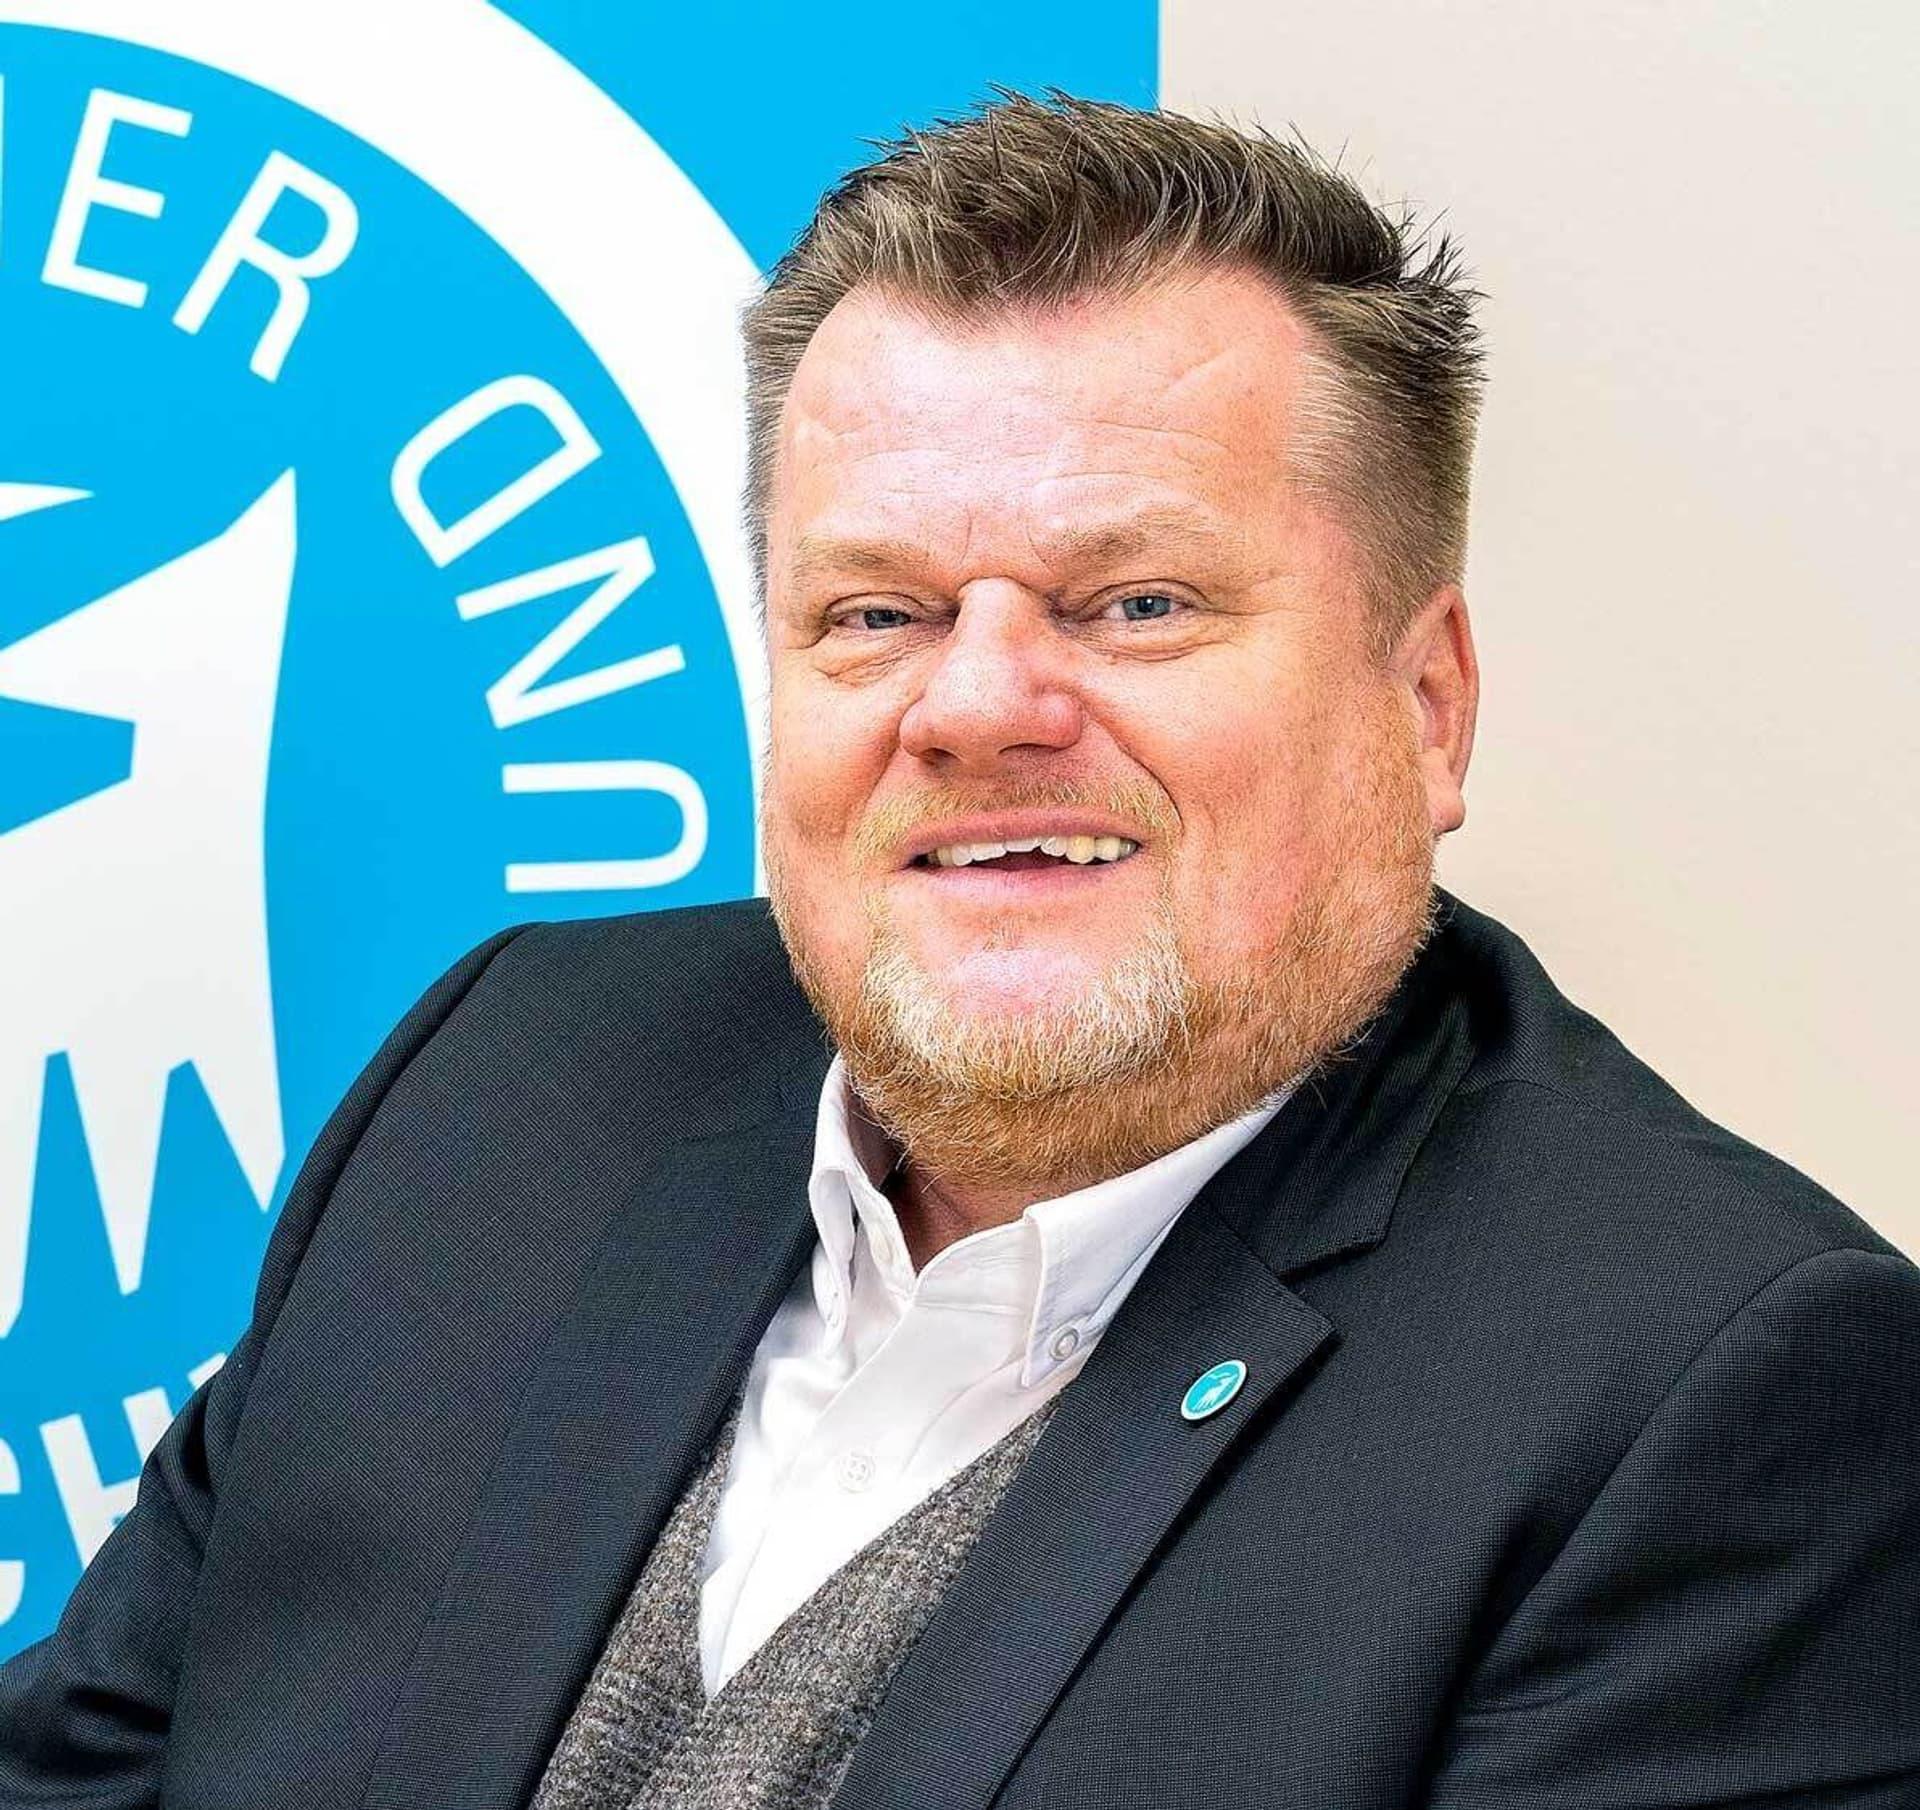 Thomas Schröder im Anzug und mit Dreitagebart